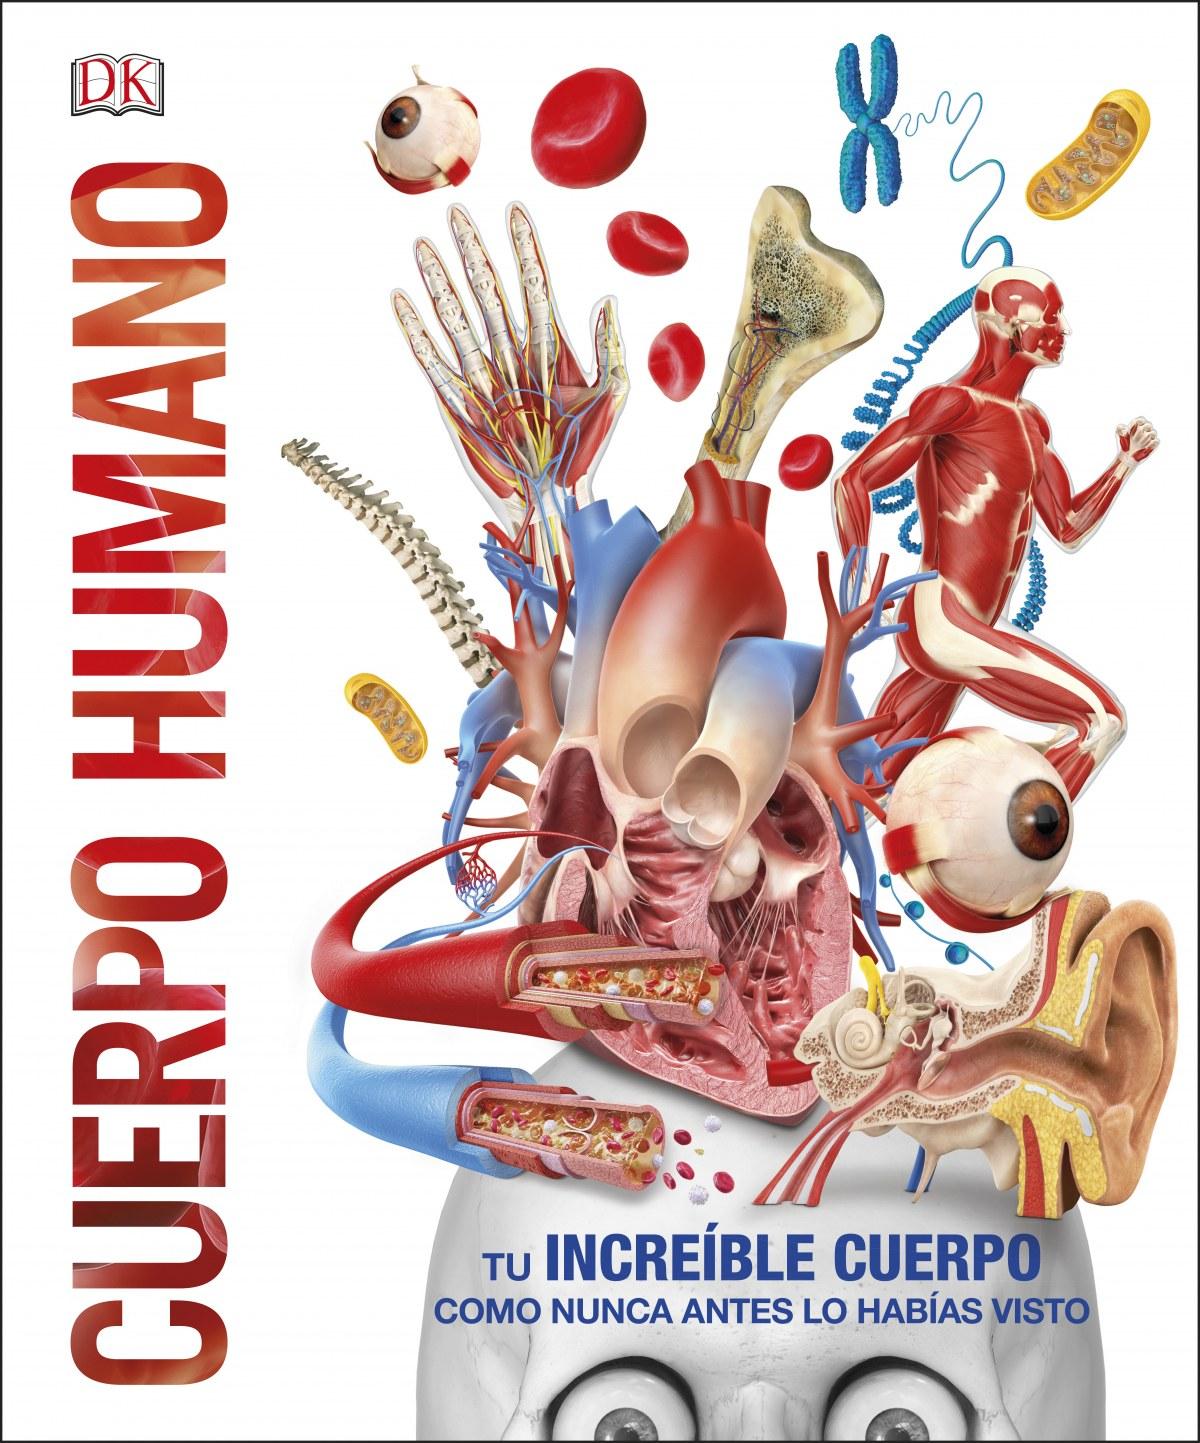 CUERPO HUMANO 9780241326831